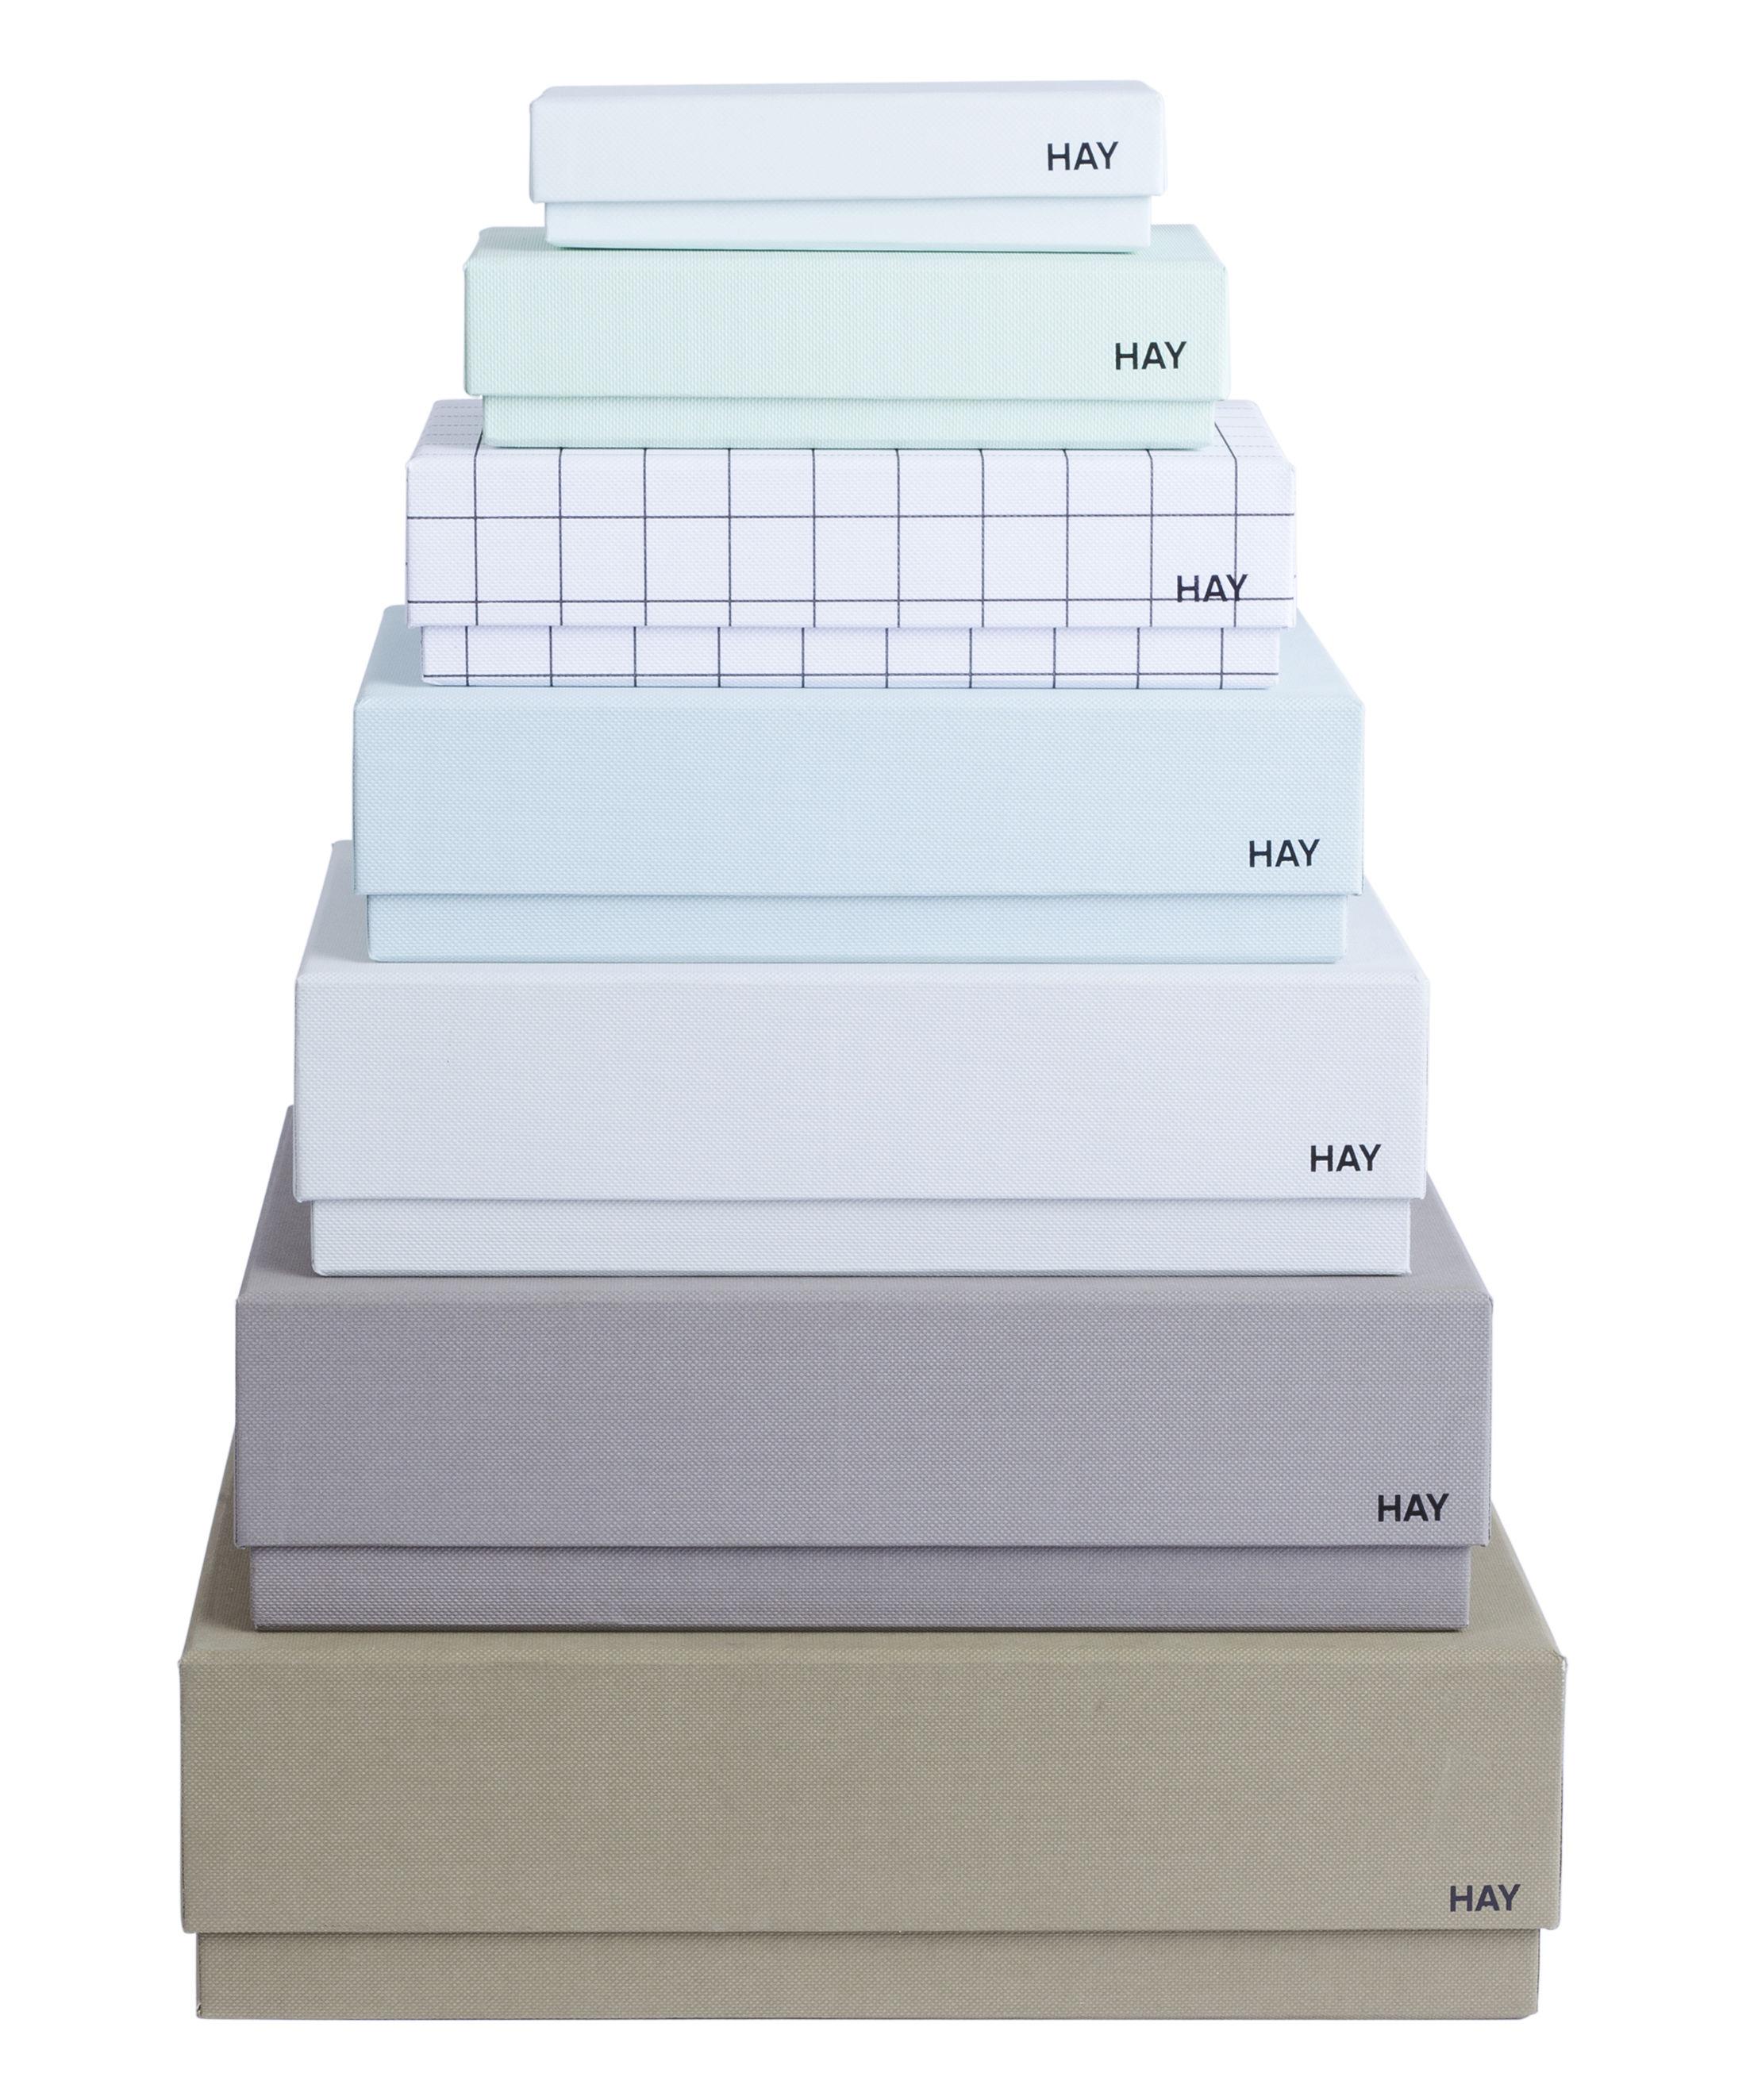 Accessoires - Accessoires bureau - Boîte Box Box / Set 7 boîtes - Hay - Set 7 couleurs masculines / Multicolore - Carton